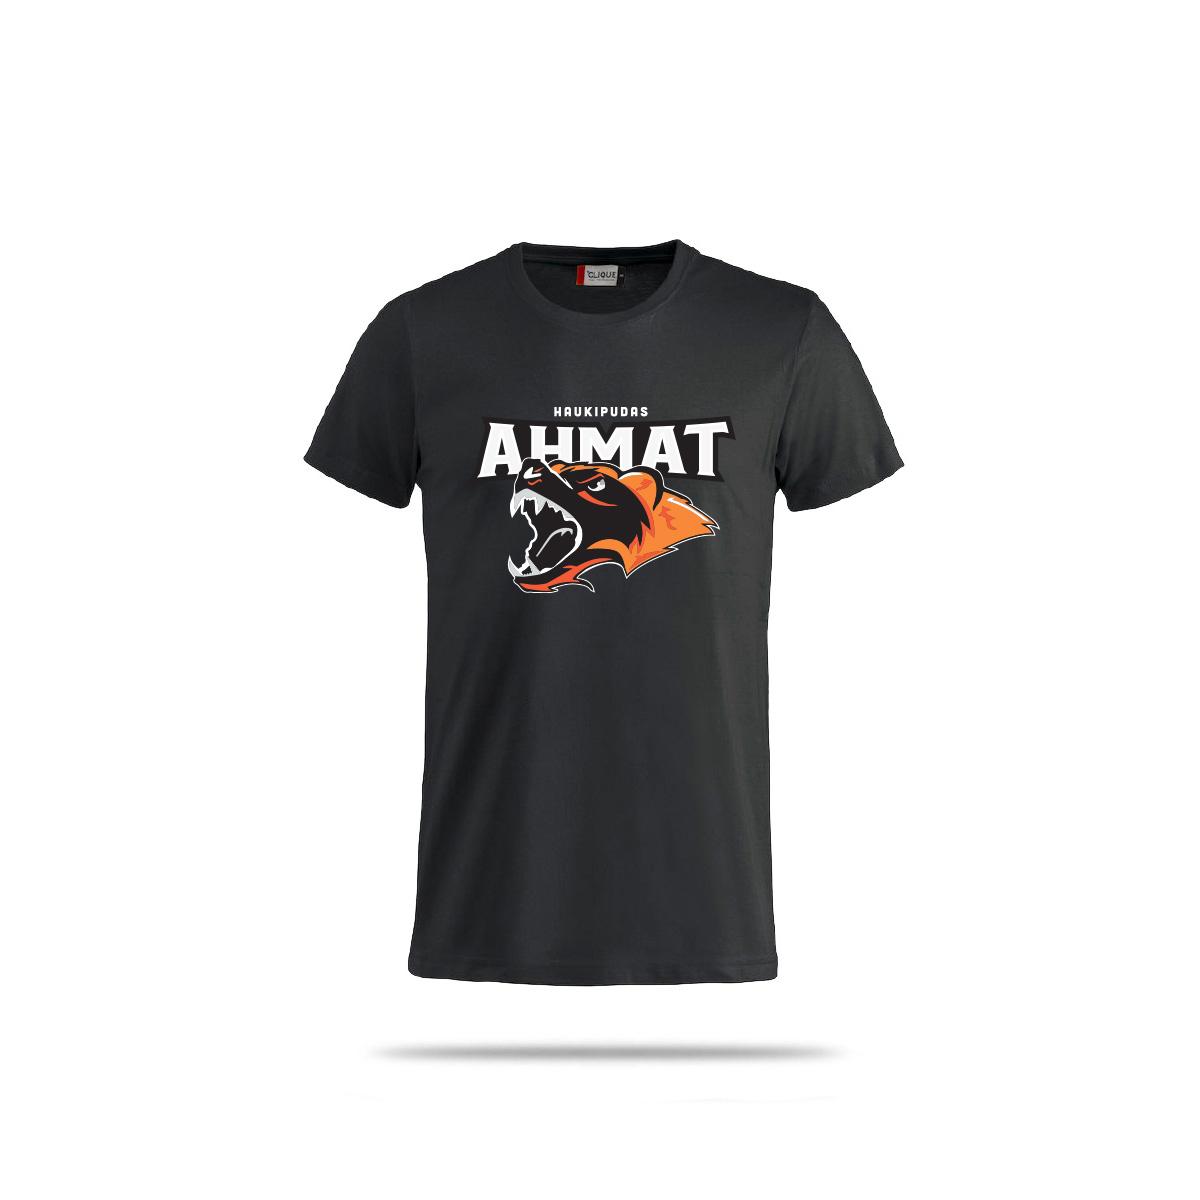 Ahmat-fani-3020-musta-original